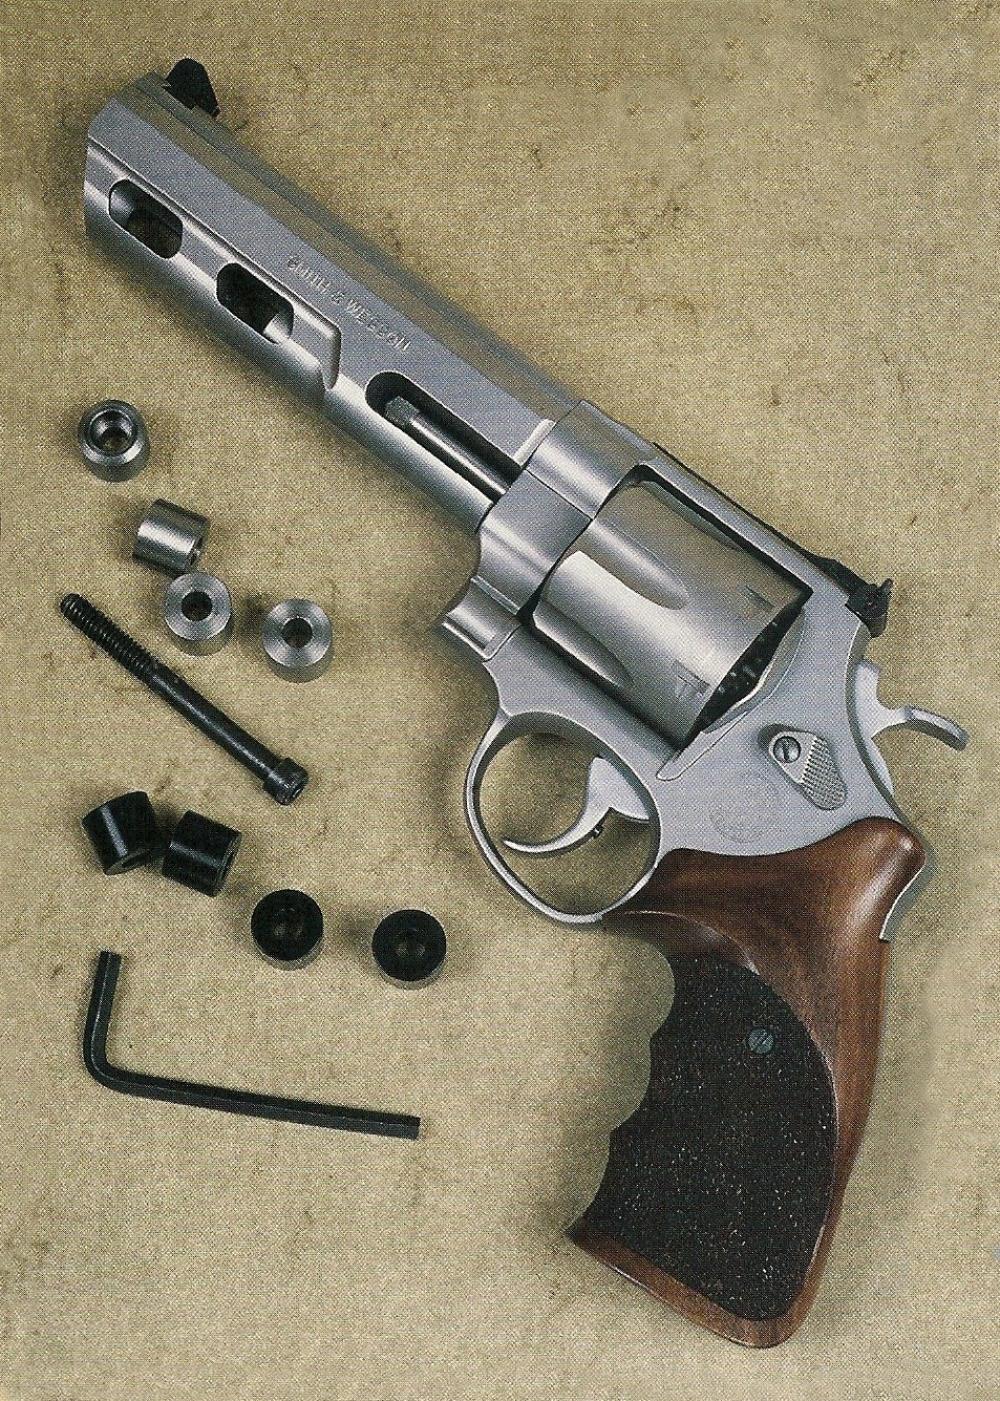 L'équilibre de l'arme peut être réglé avec précision en faisant varier le nombre et l'emplacement des 4 contrepoids, grâce à des éléments intercalaires en matière plastique.